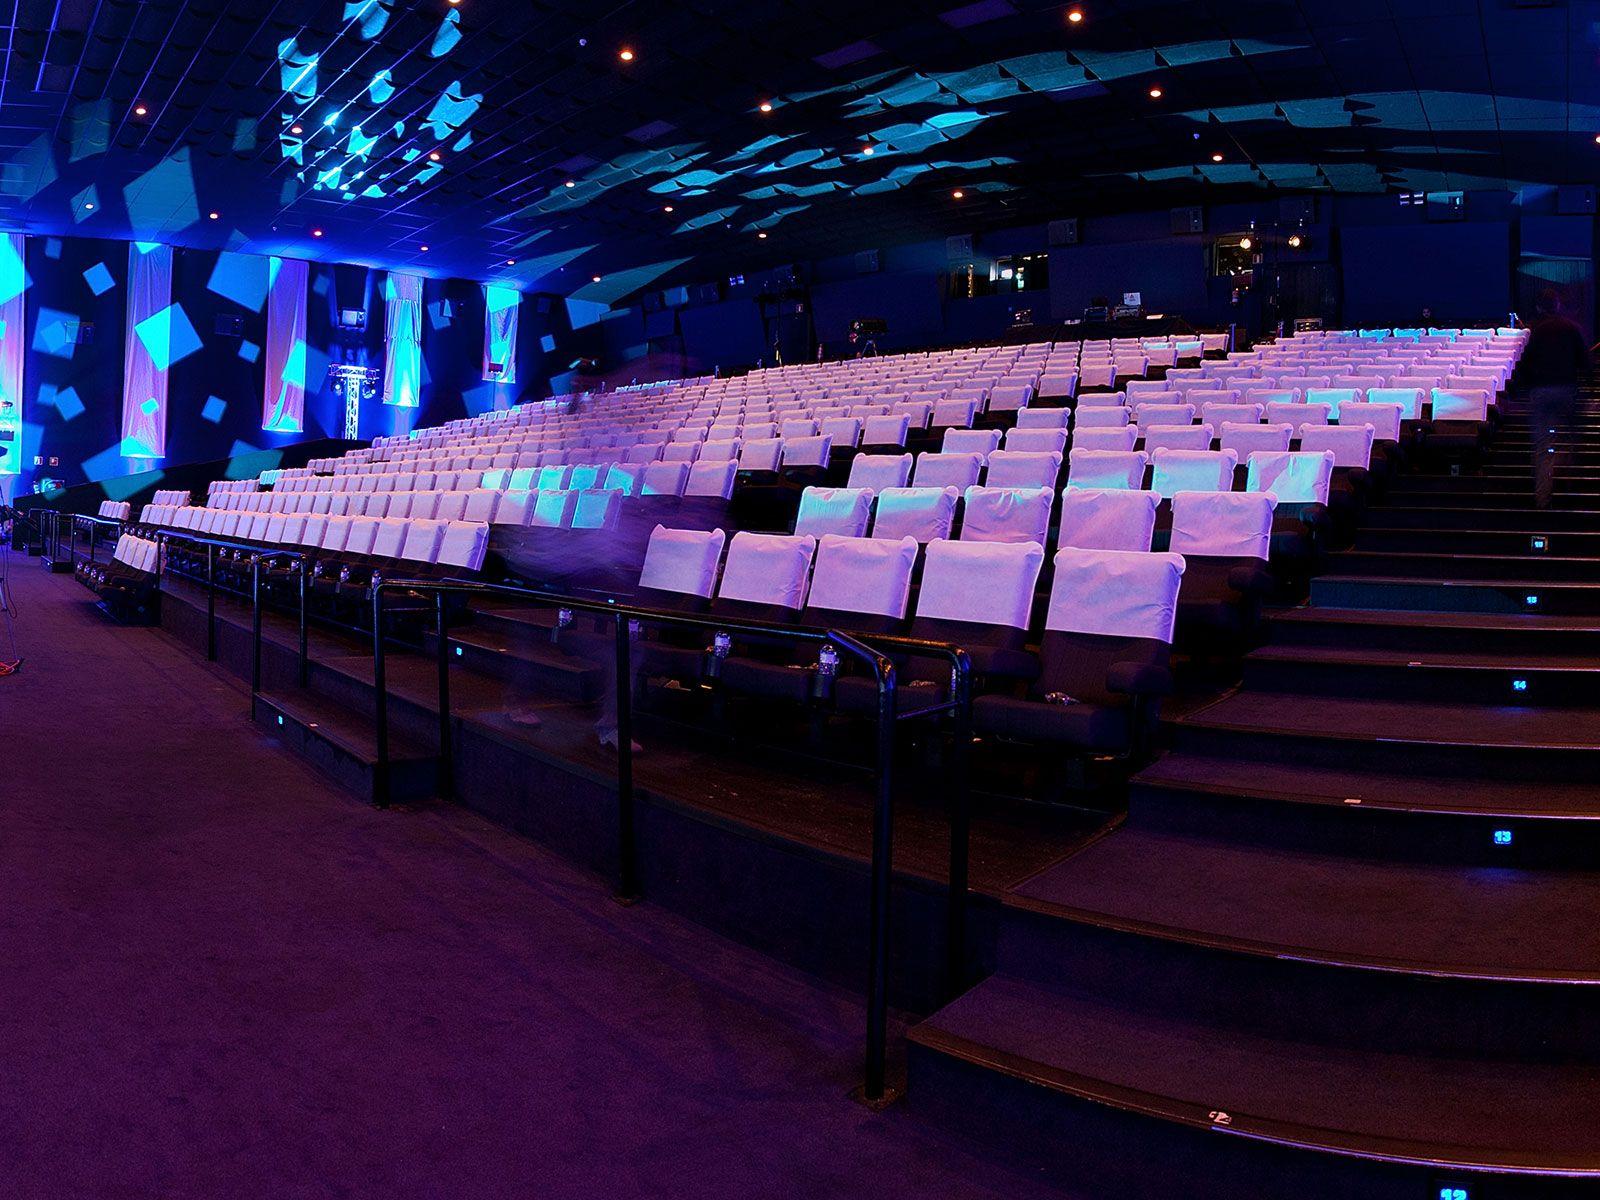 Nieuw tijdperk voor de bioscoop met laserprojectie en 3d for Sala 25 kinepolis madrid